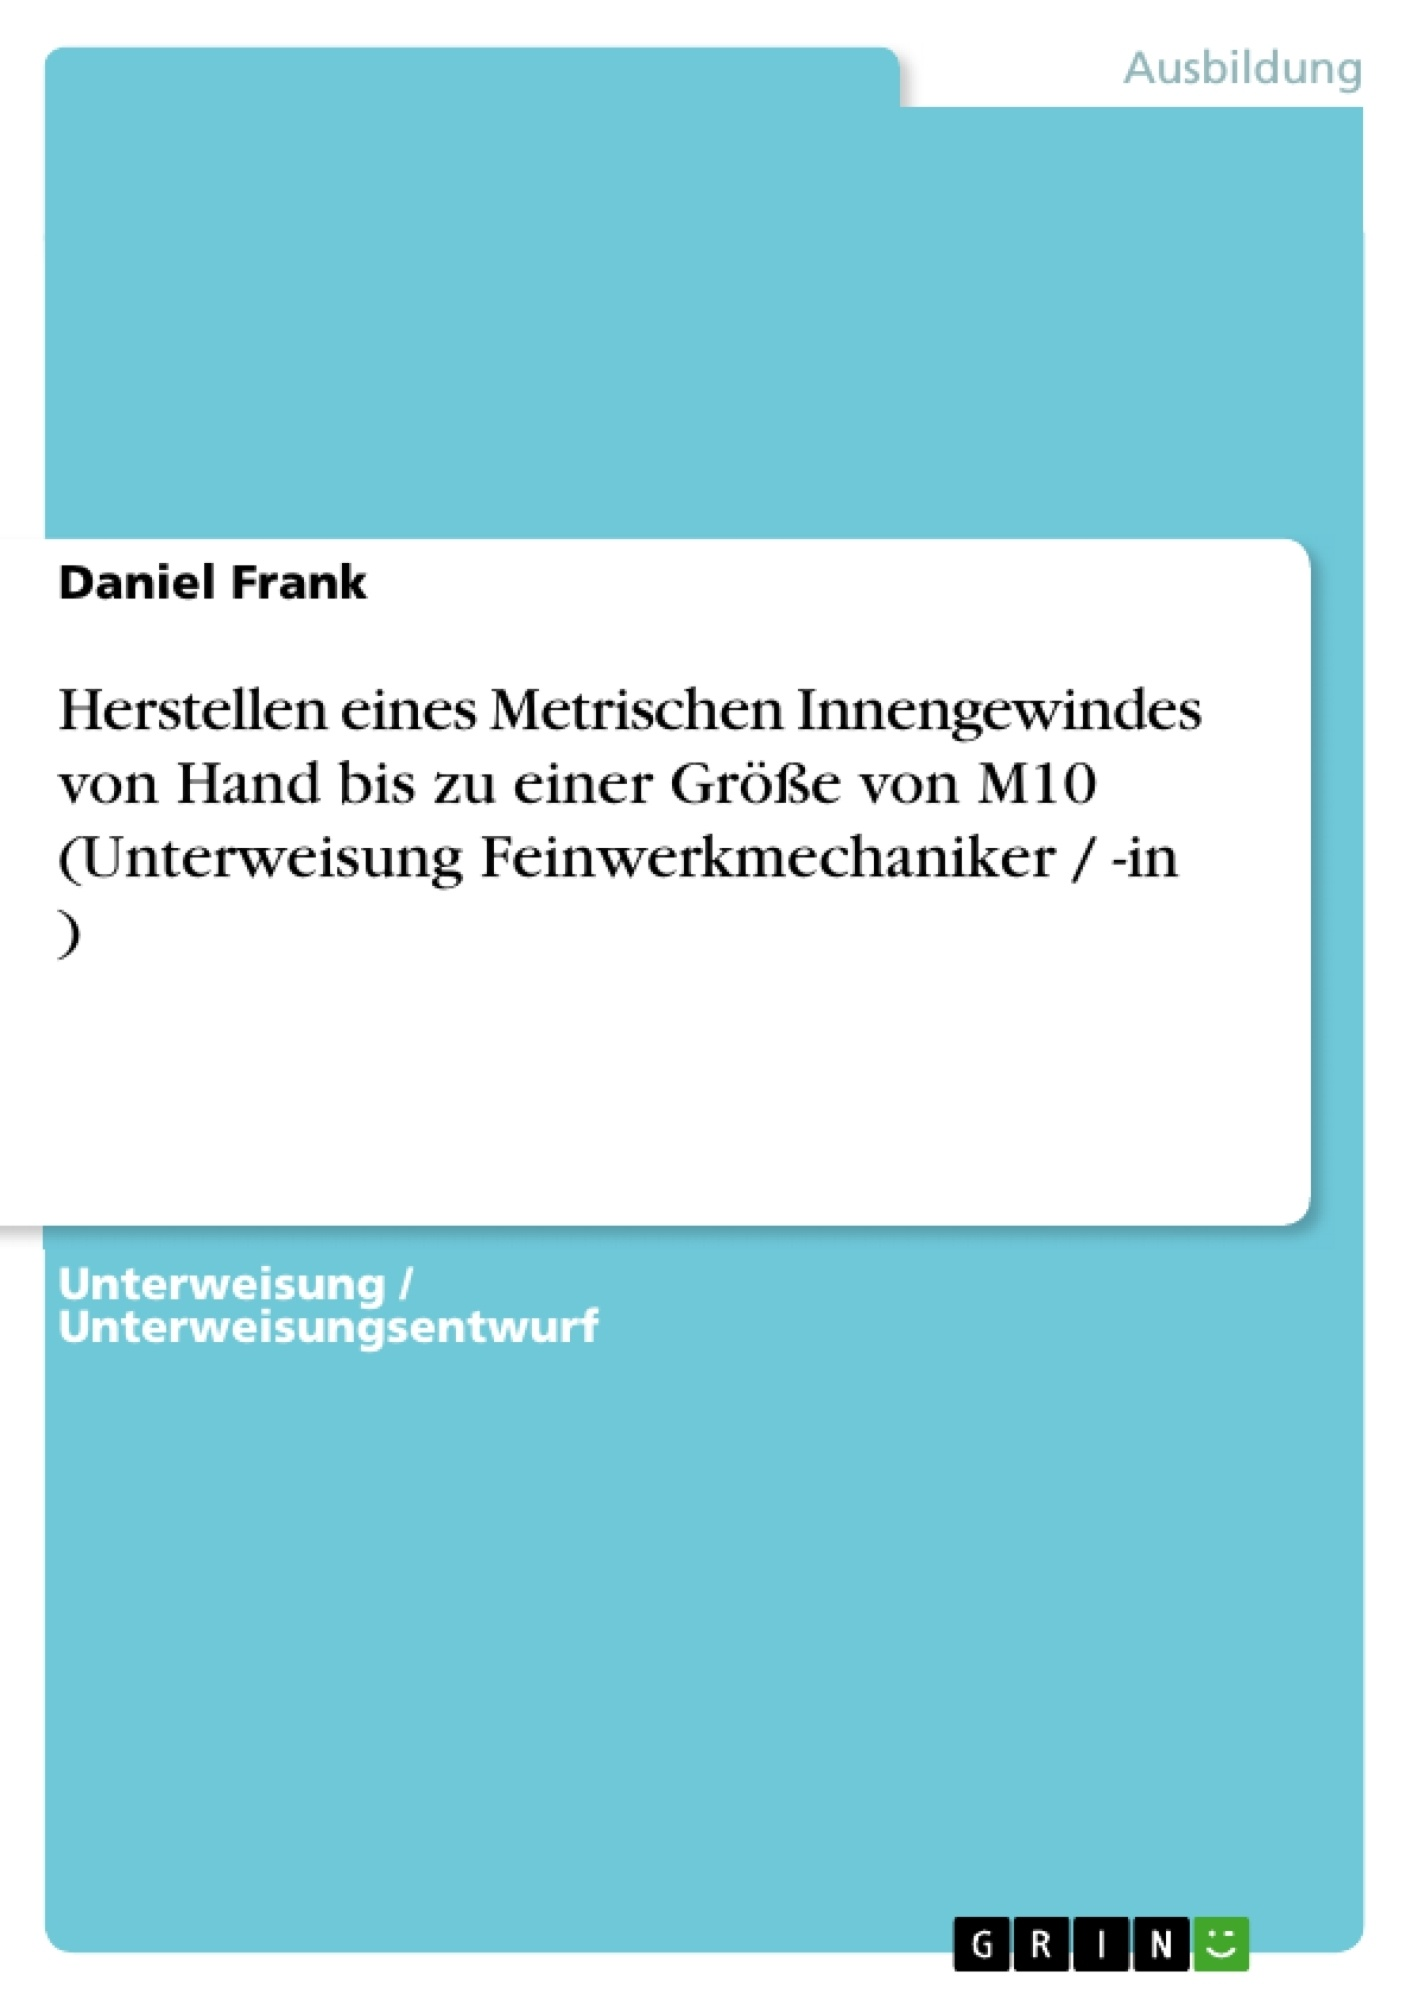 Titel: Herstellen eines Metrischen Innengewindes von Hand bis zu einer Größe von M10 (Unterweisung Feinwerkmechaniker / -in )